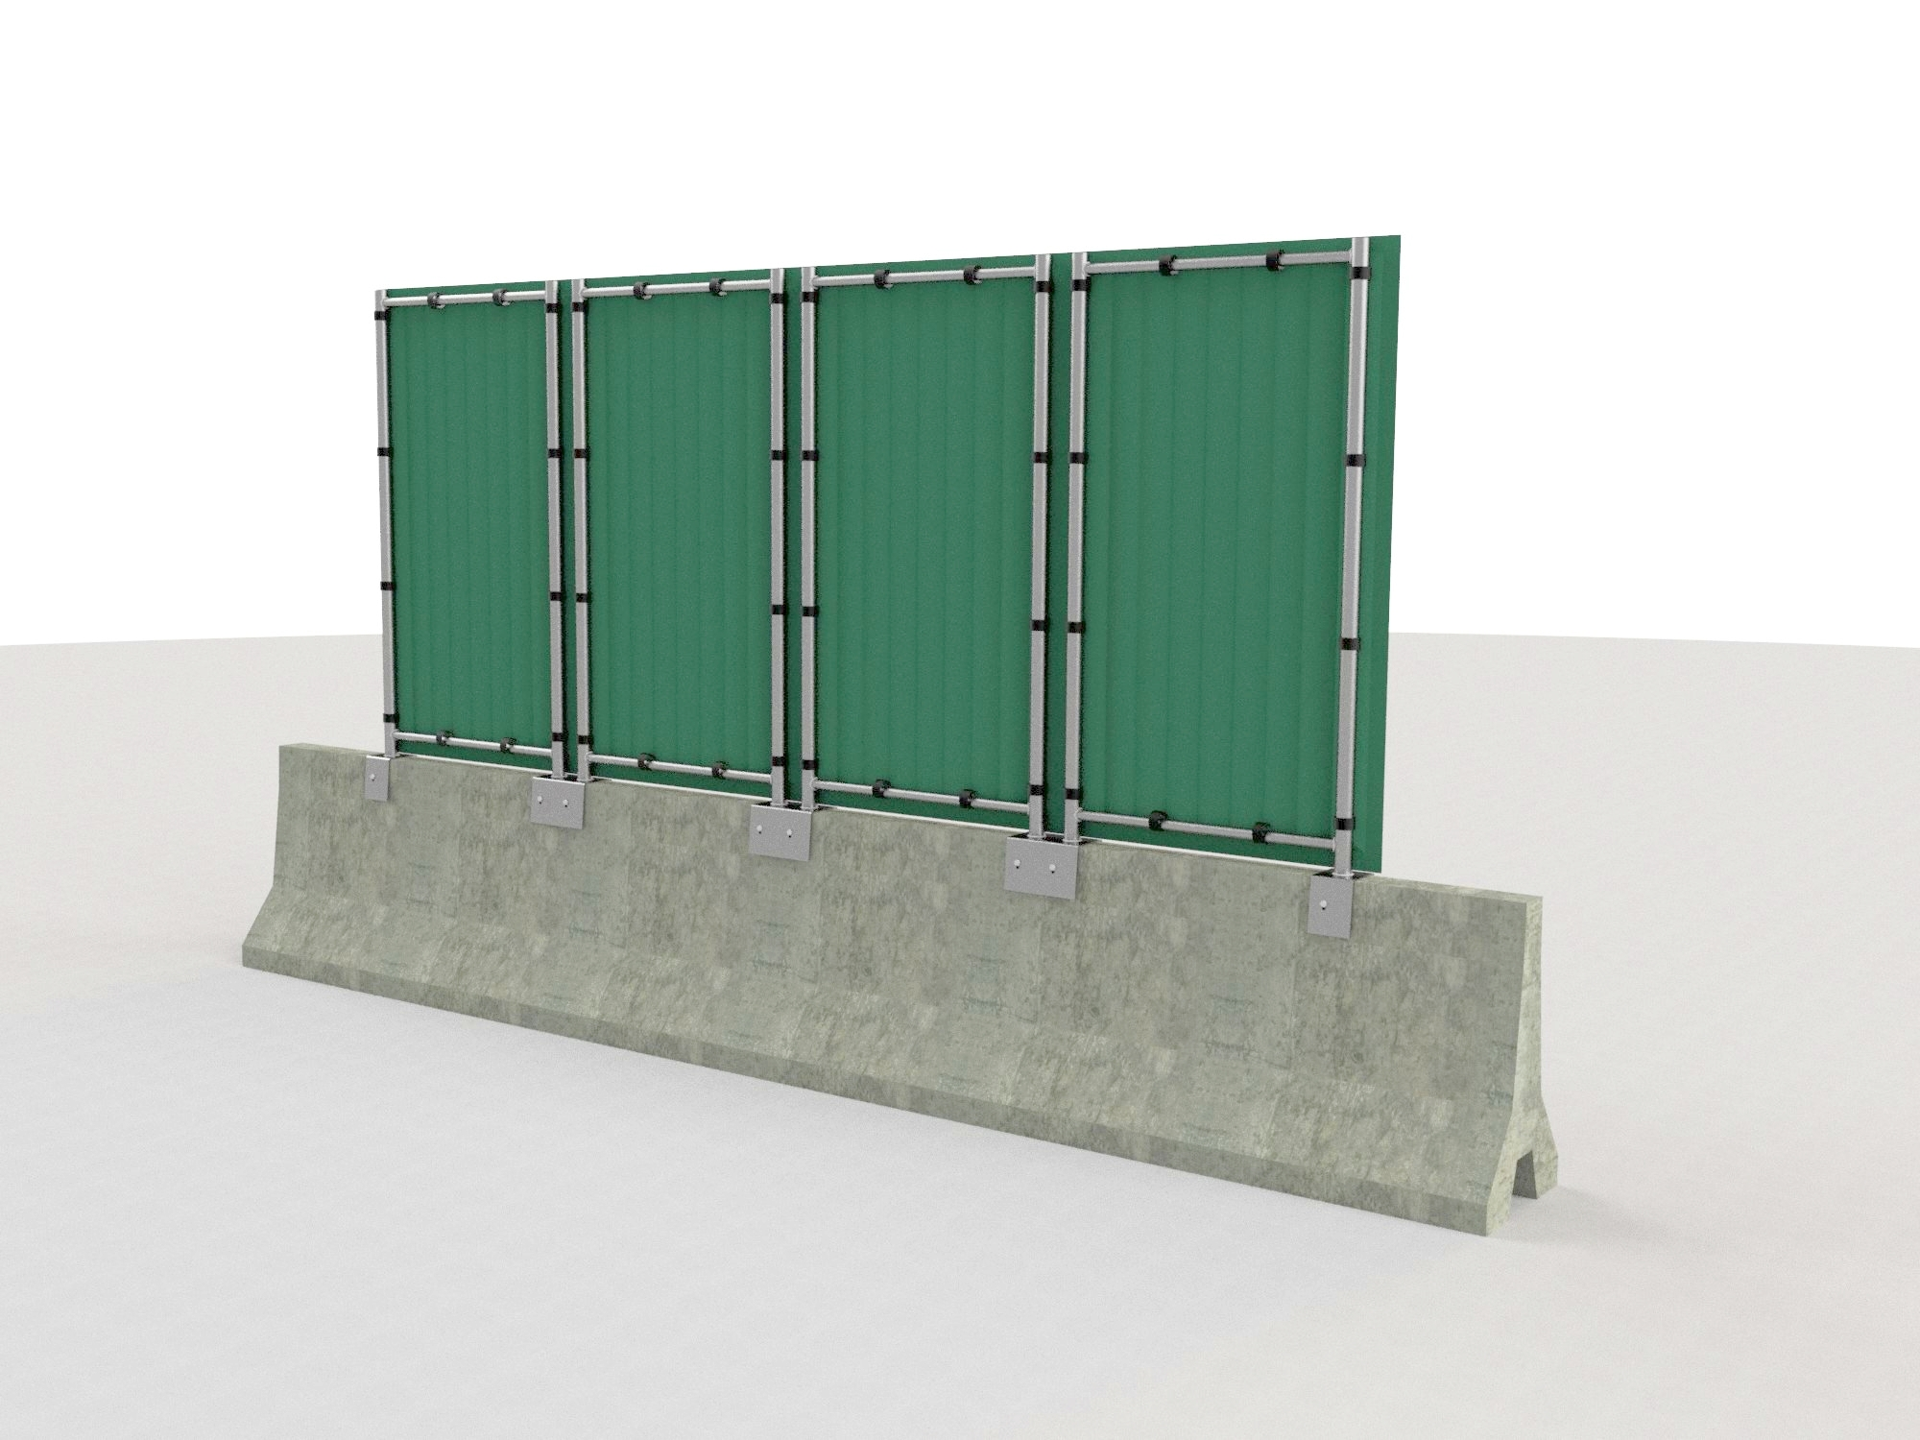 Barriera antirumore da cantiere su new jersey - pannelli Rapida